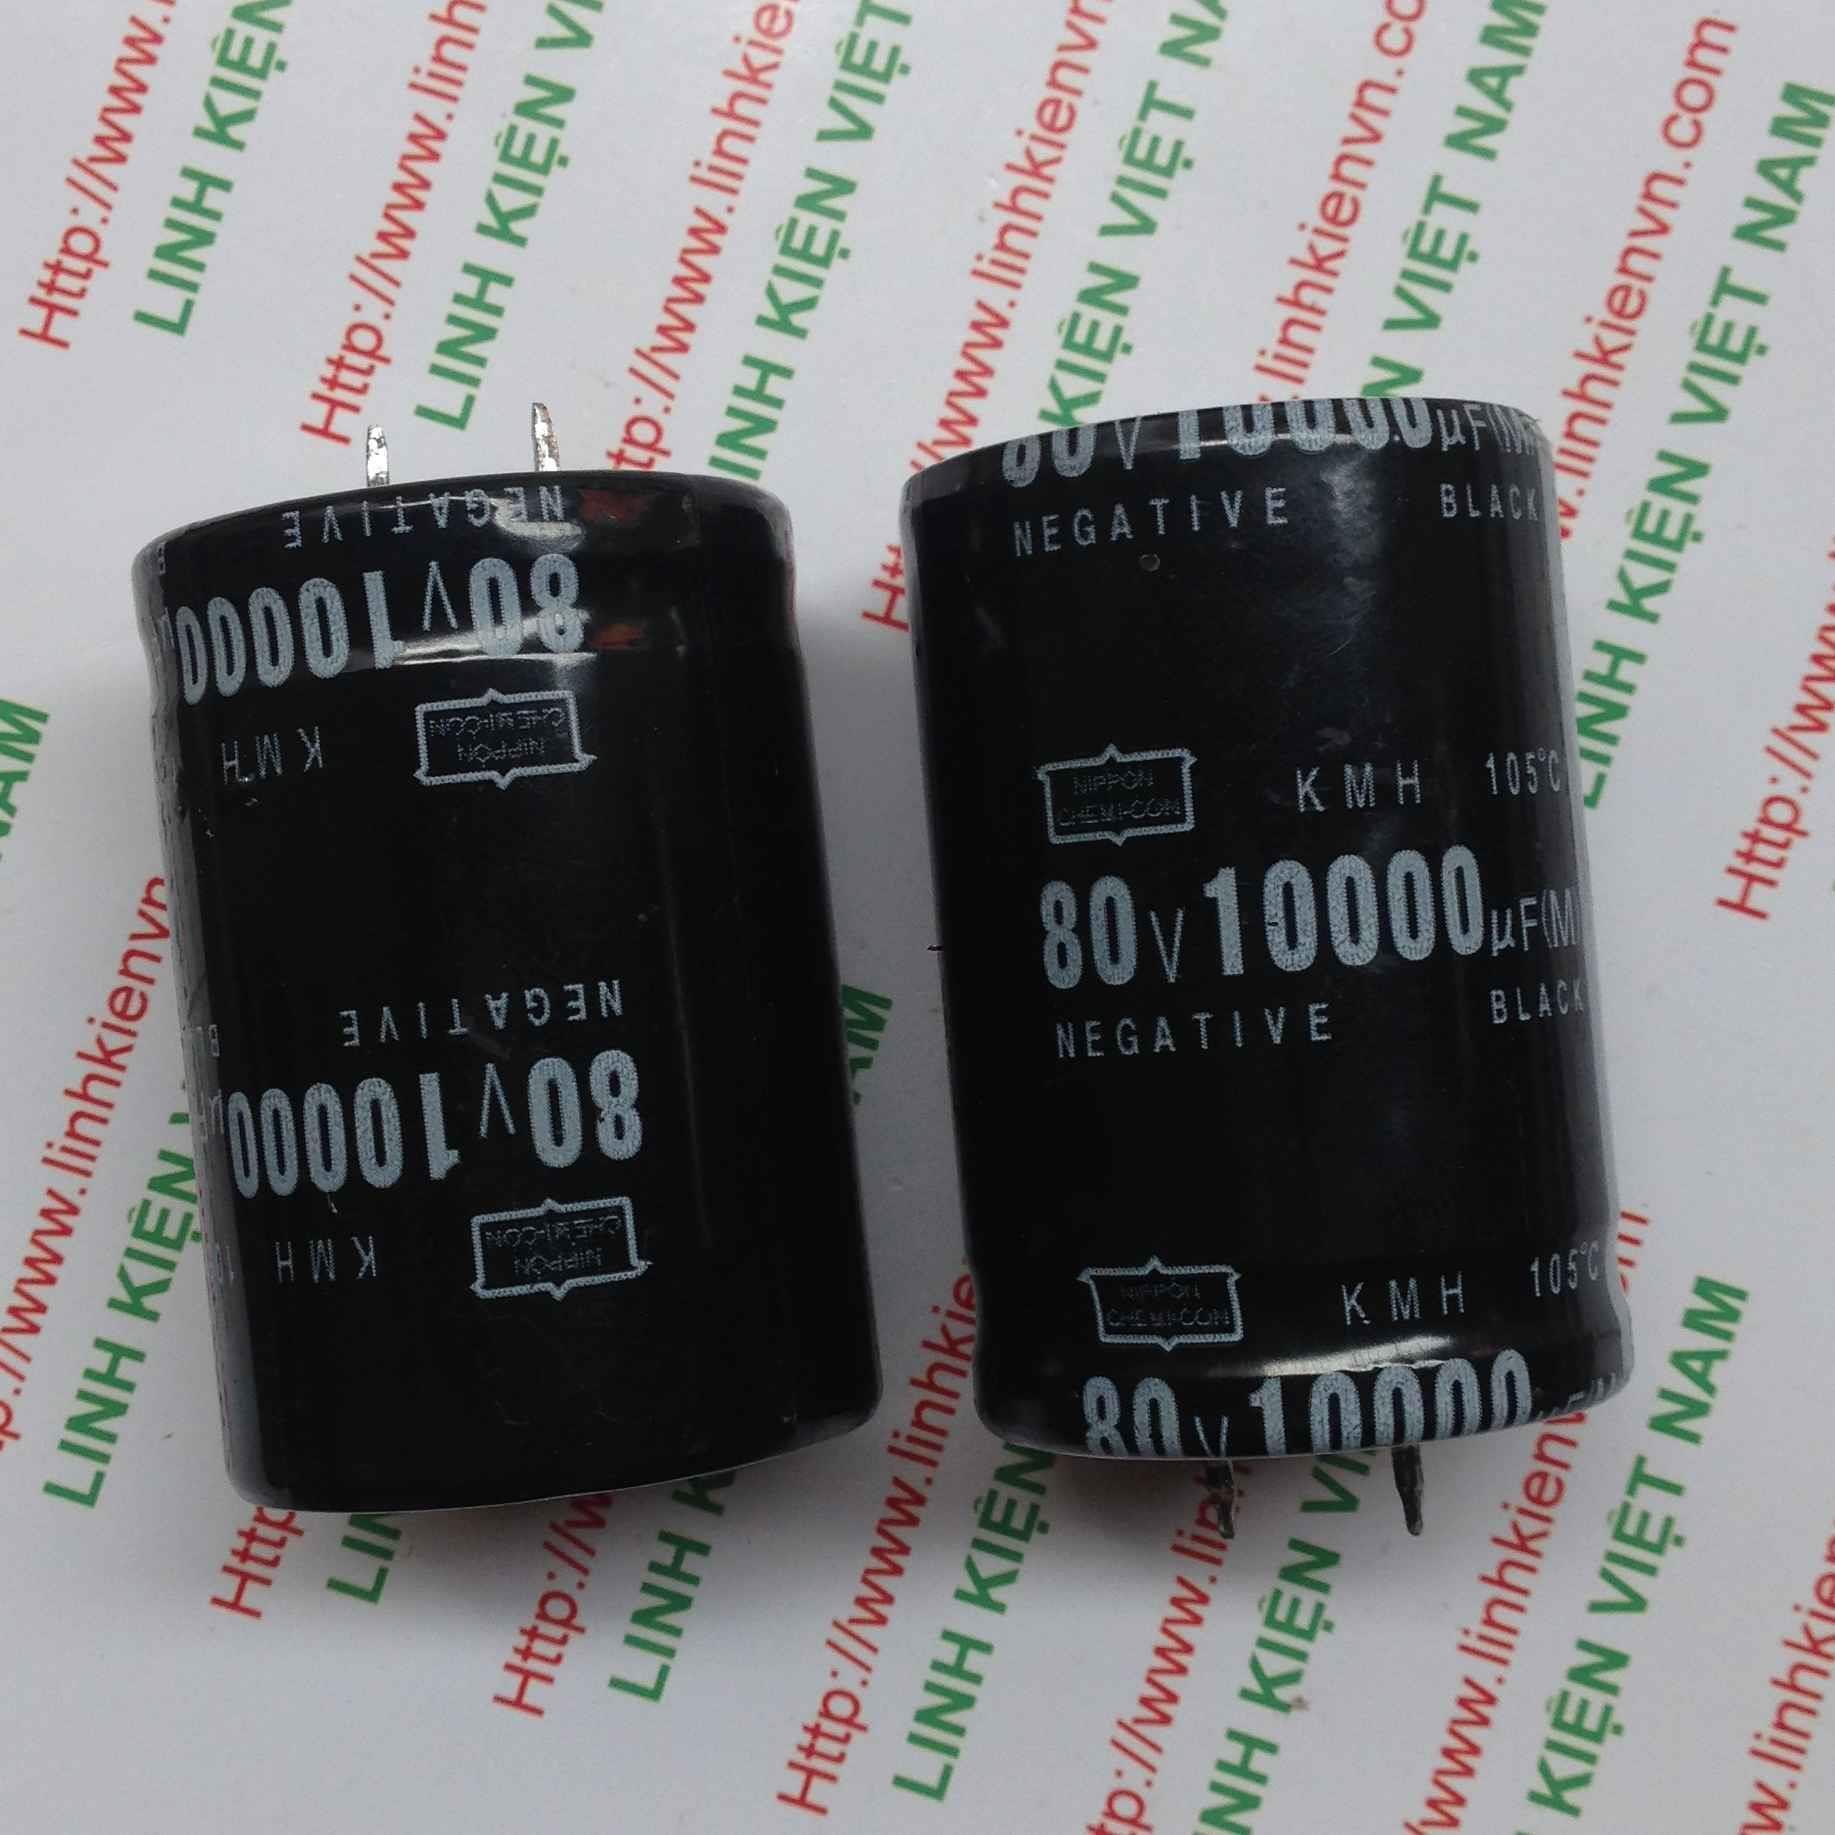 Tụ Hóa 10000uF-80V / Tụ Hóa 80V 10000uF / Tụ 10000uF 80V - A7H7